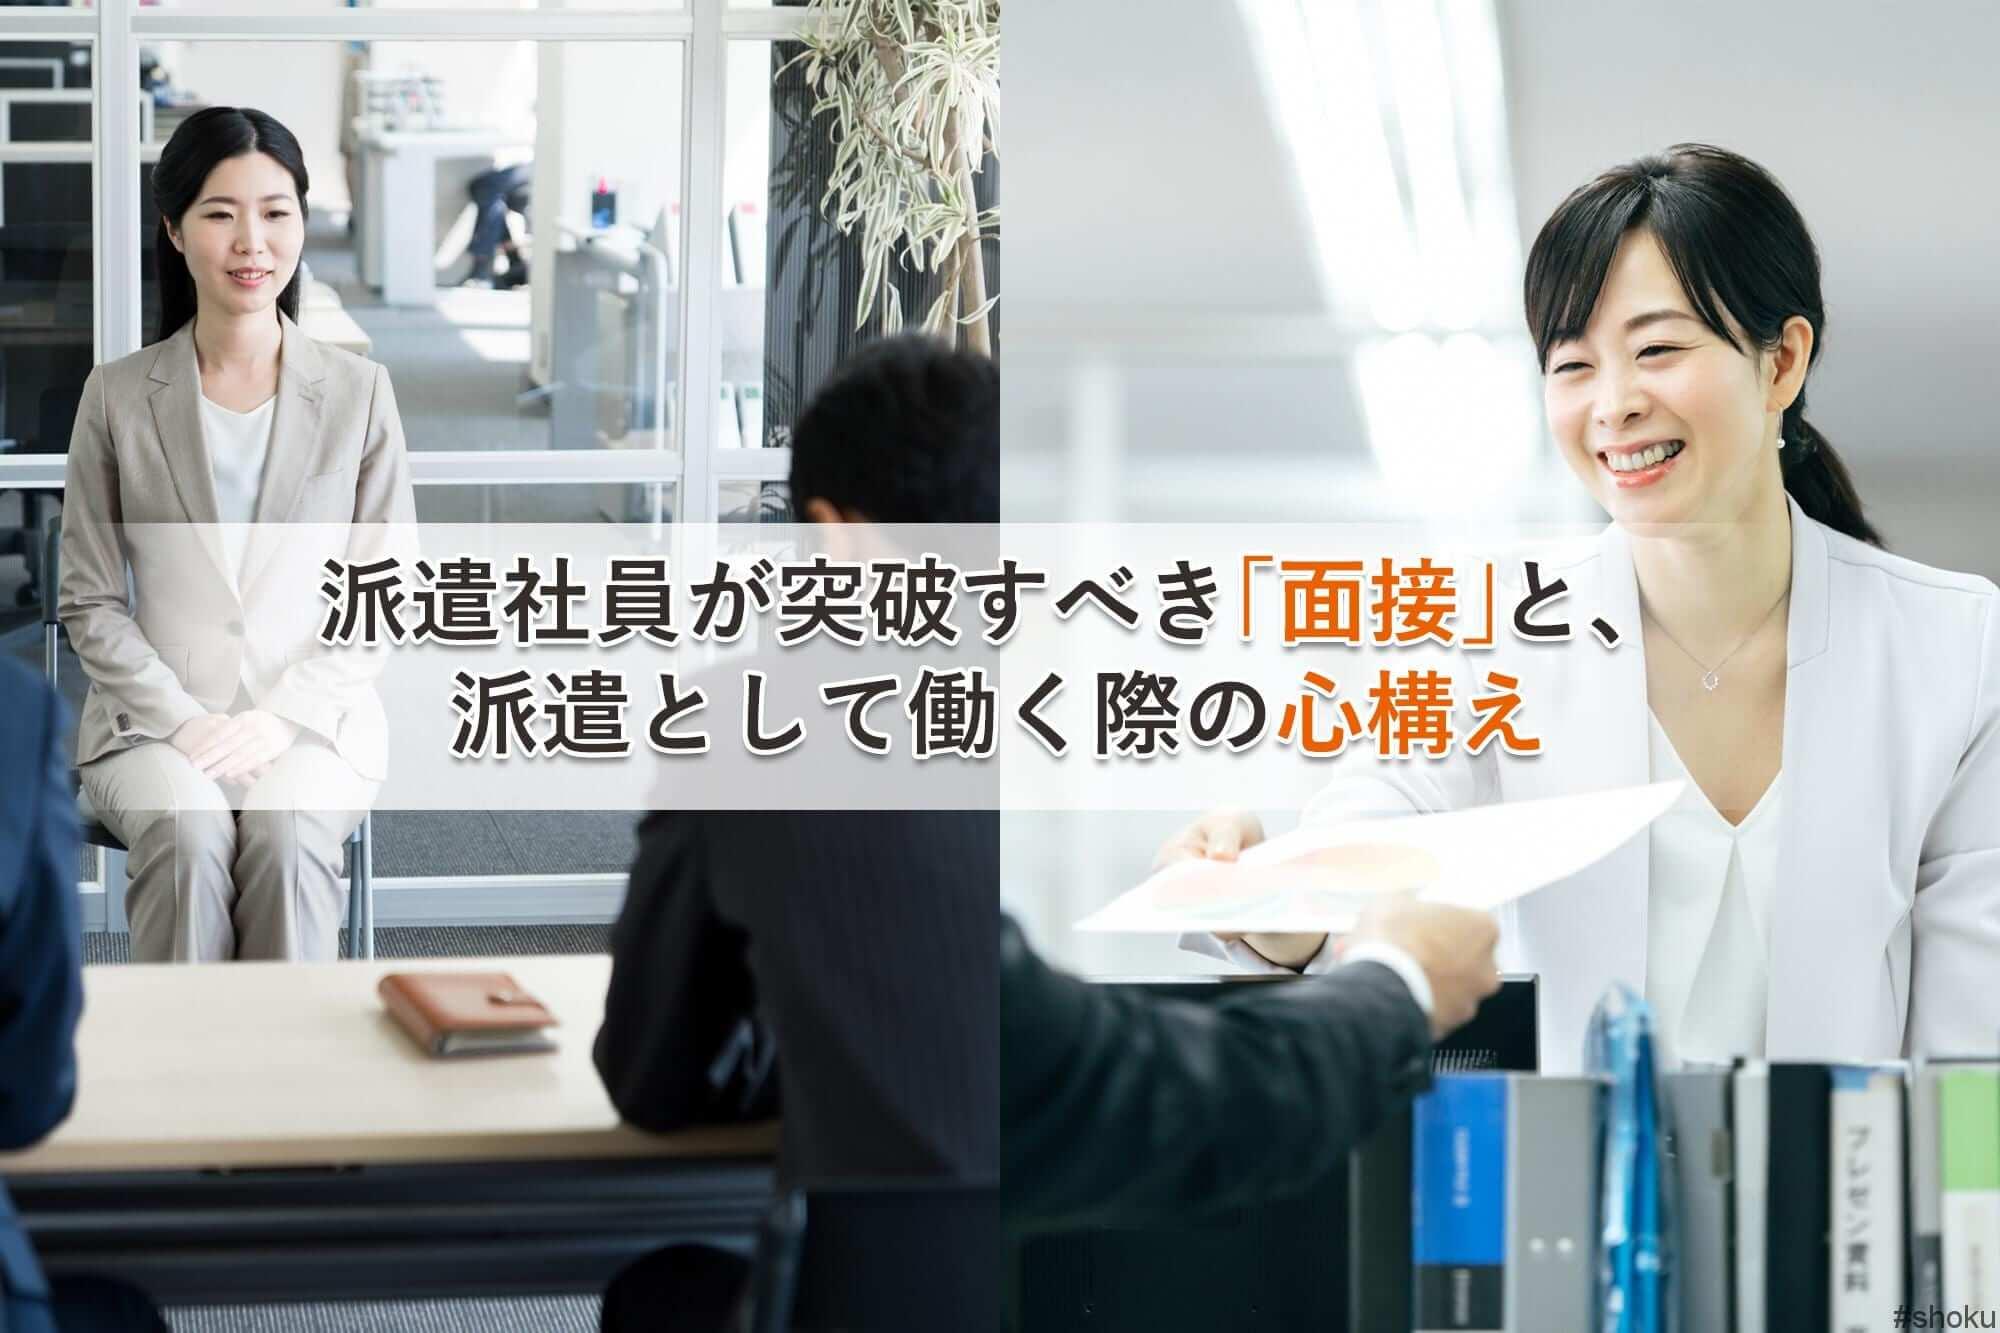 【派遣のプロが語る】派遣社員が突破すべき「面接」と、派遣として働く際の心構え